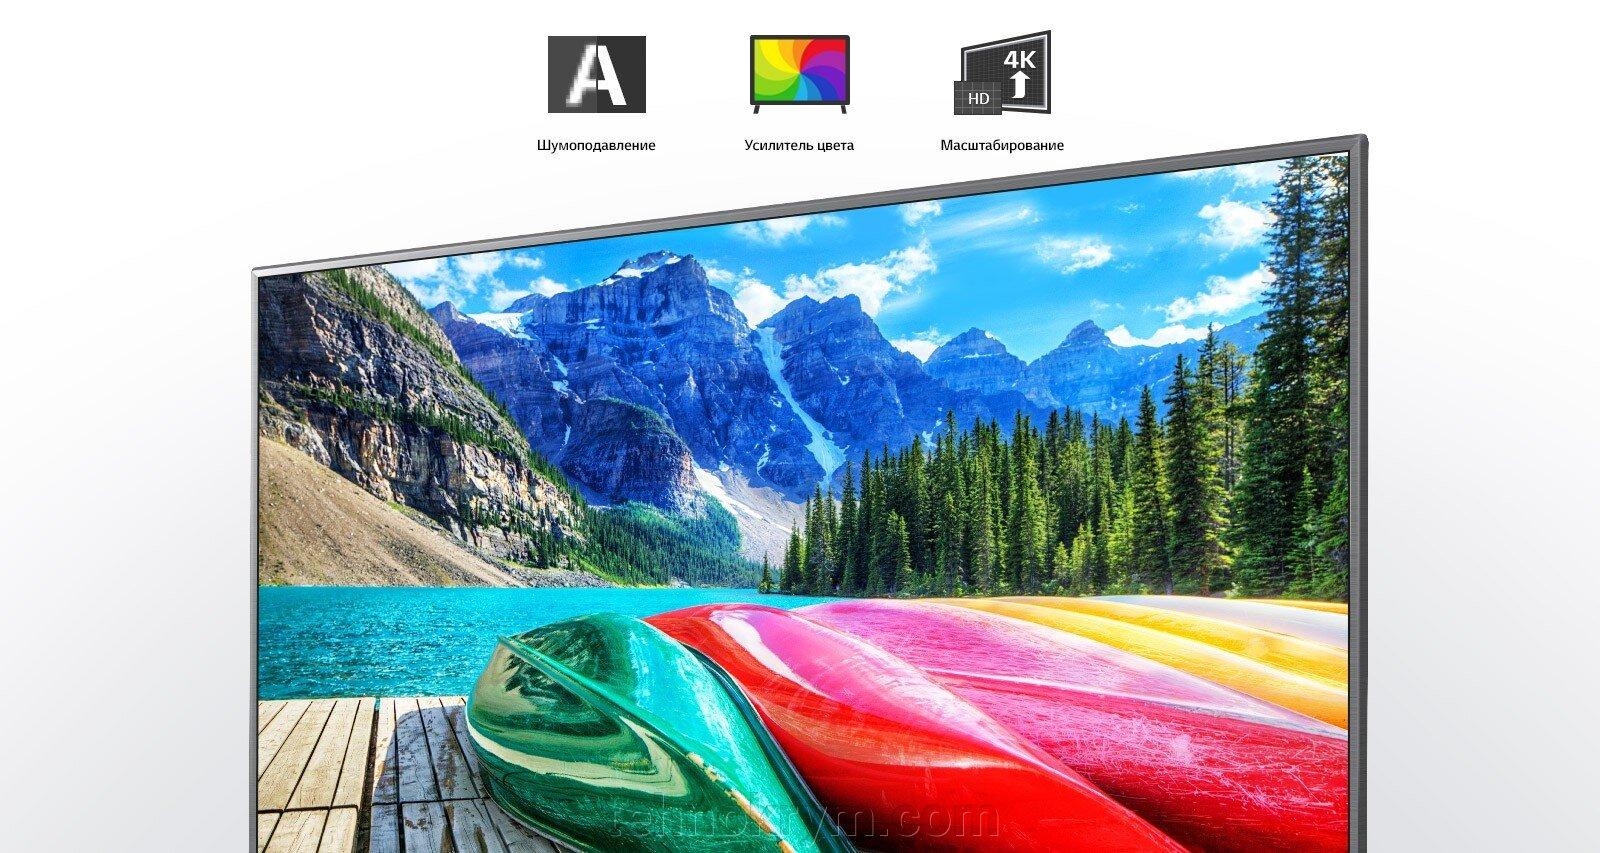 Smart телевизор LG 43UN71006LB, Ultra HD, черный, webOS 5.0 - фото pic_1219f5db6e2a4290652d1d78f728d5d2_1920x9000_1.jpg